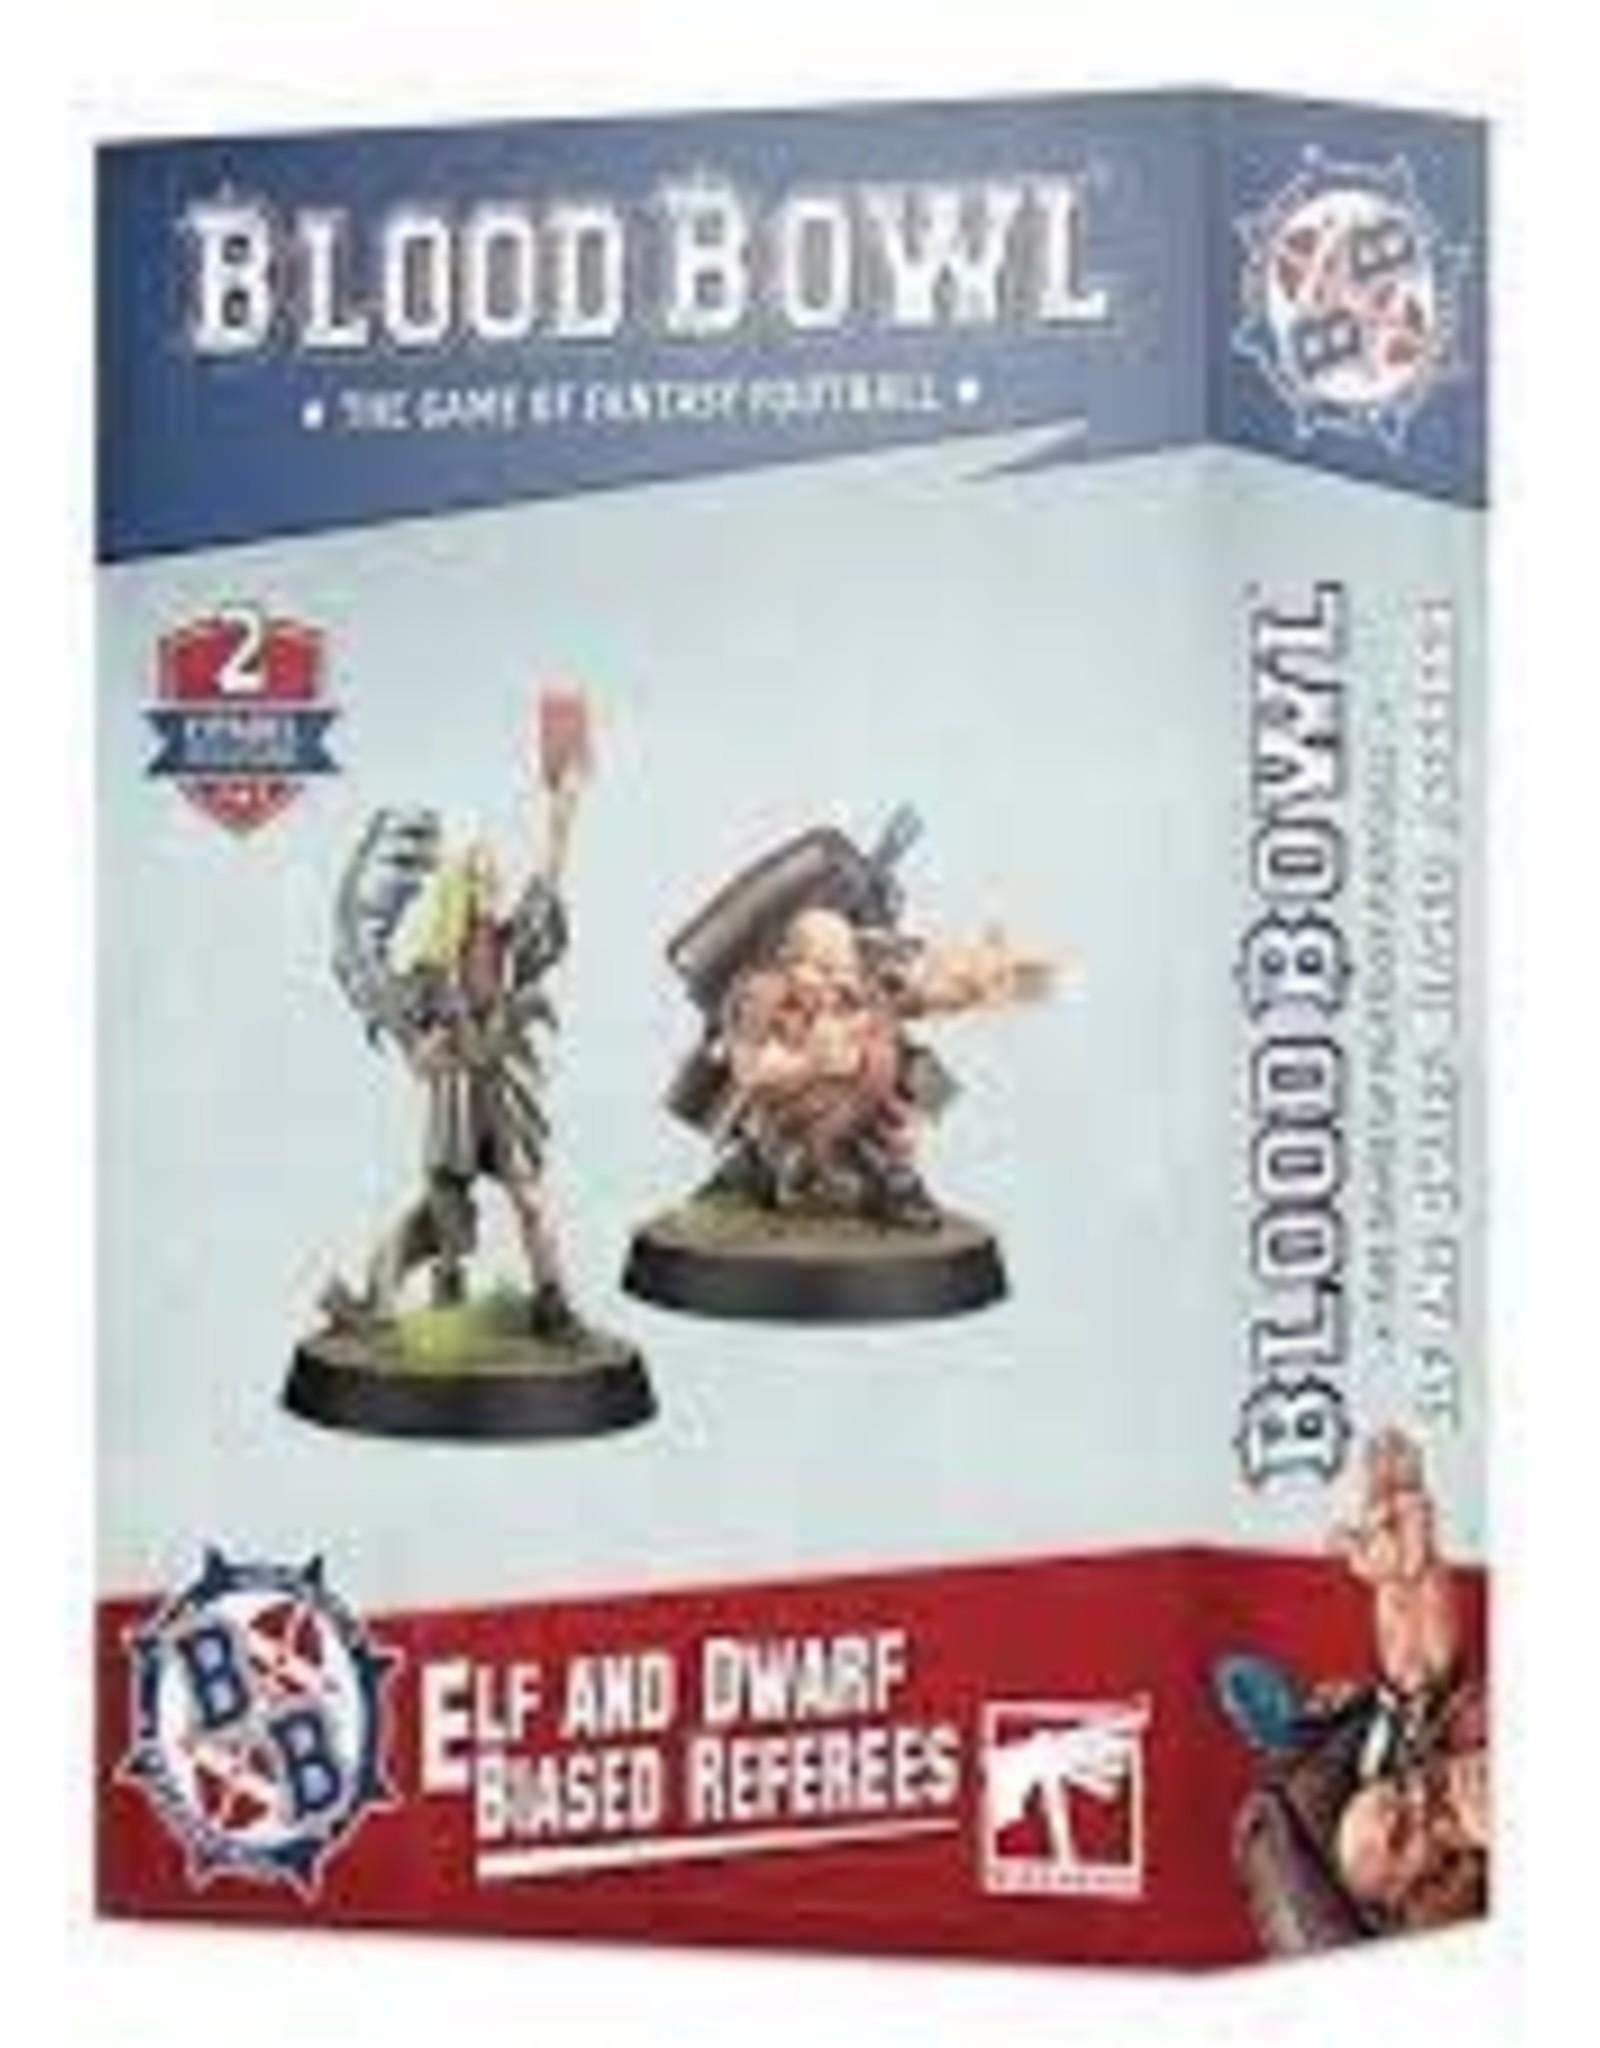 Games Workshop Blood Bowl: Elf & Dwarf Biased Referees